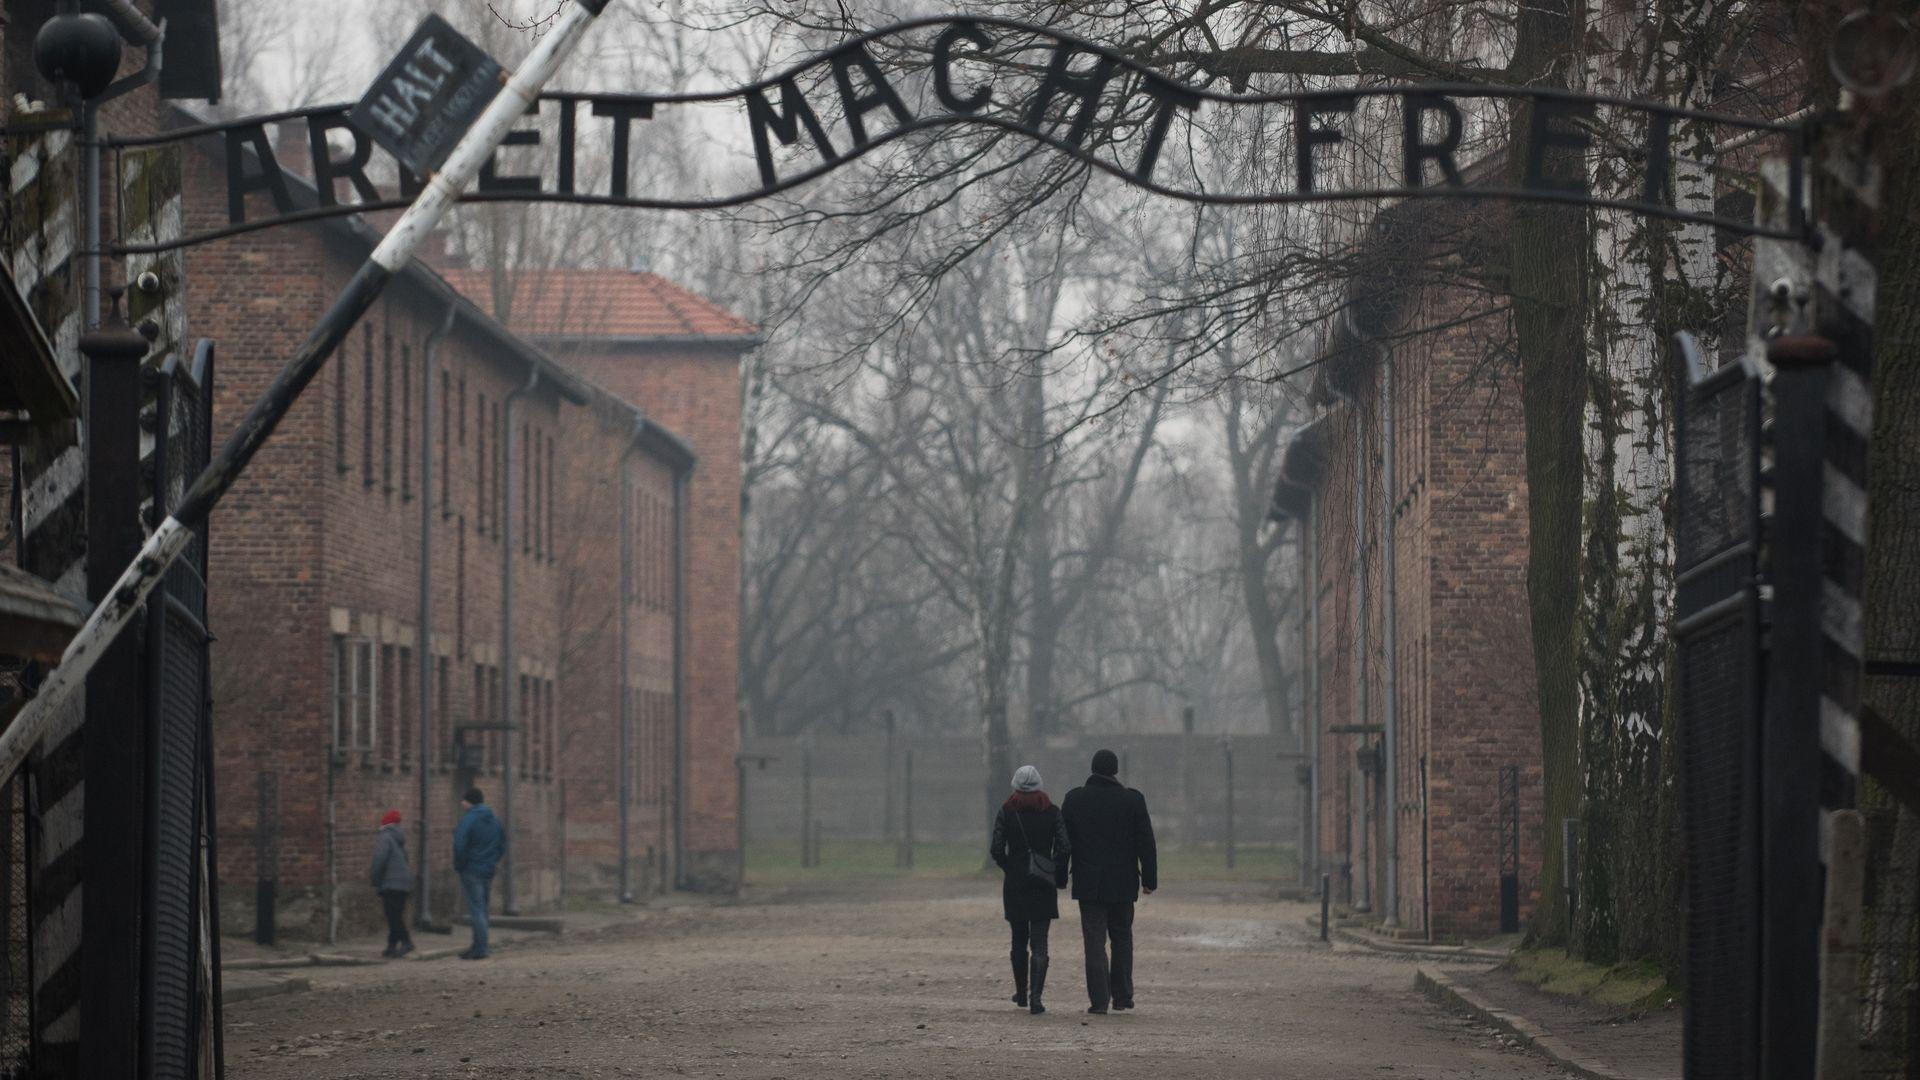 The Auschwitz main gate.